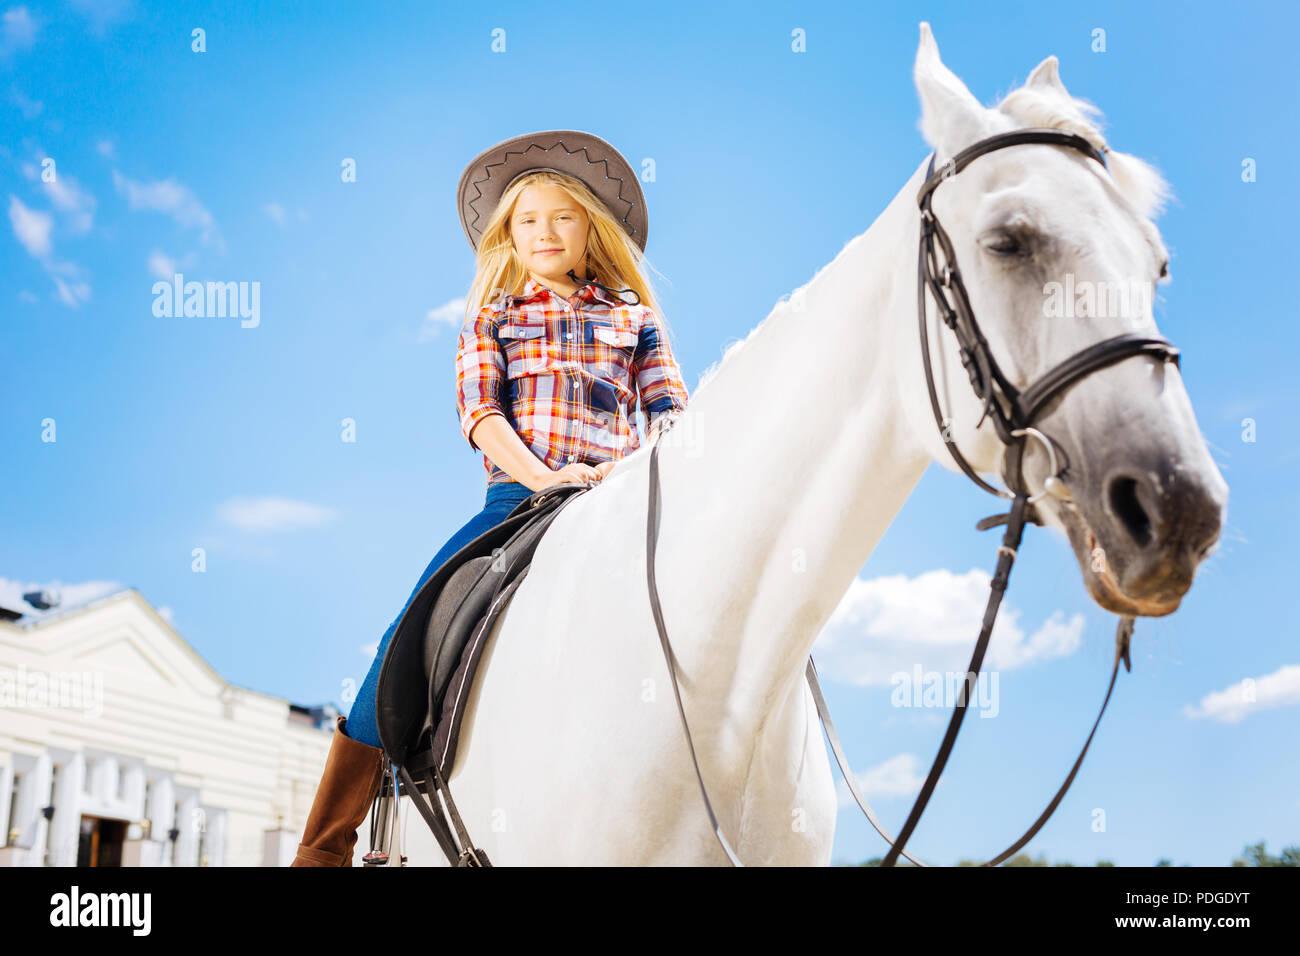 Stylish schoolgirl sitting on white gentle racing horse - Stock Image